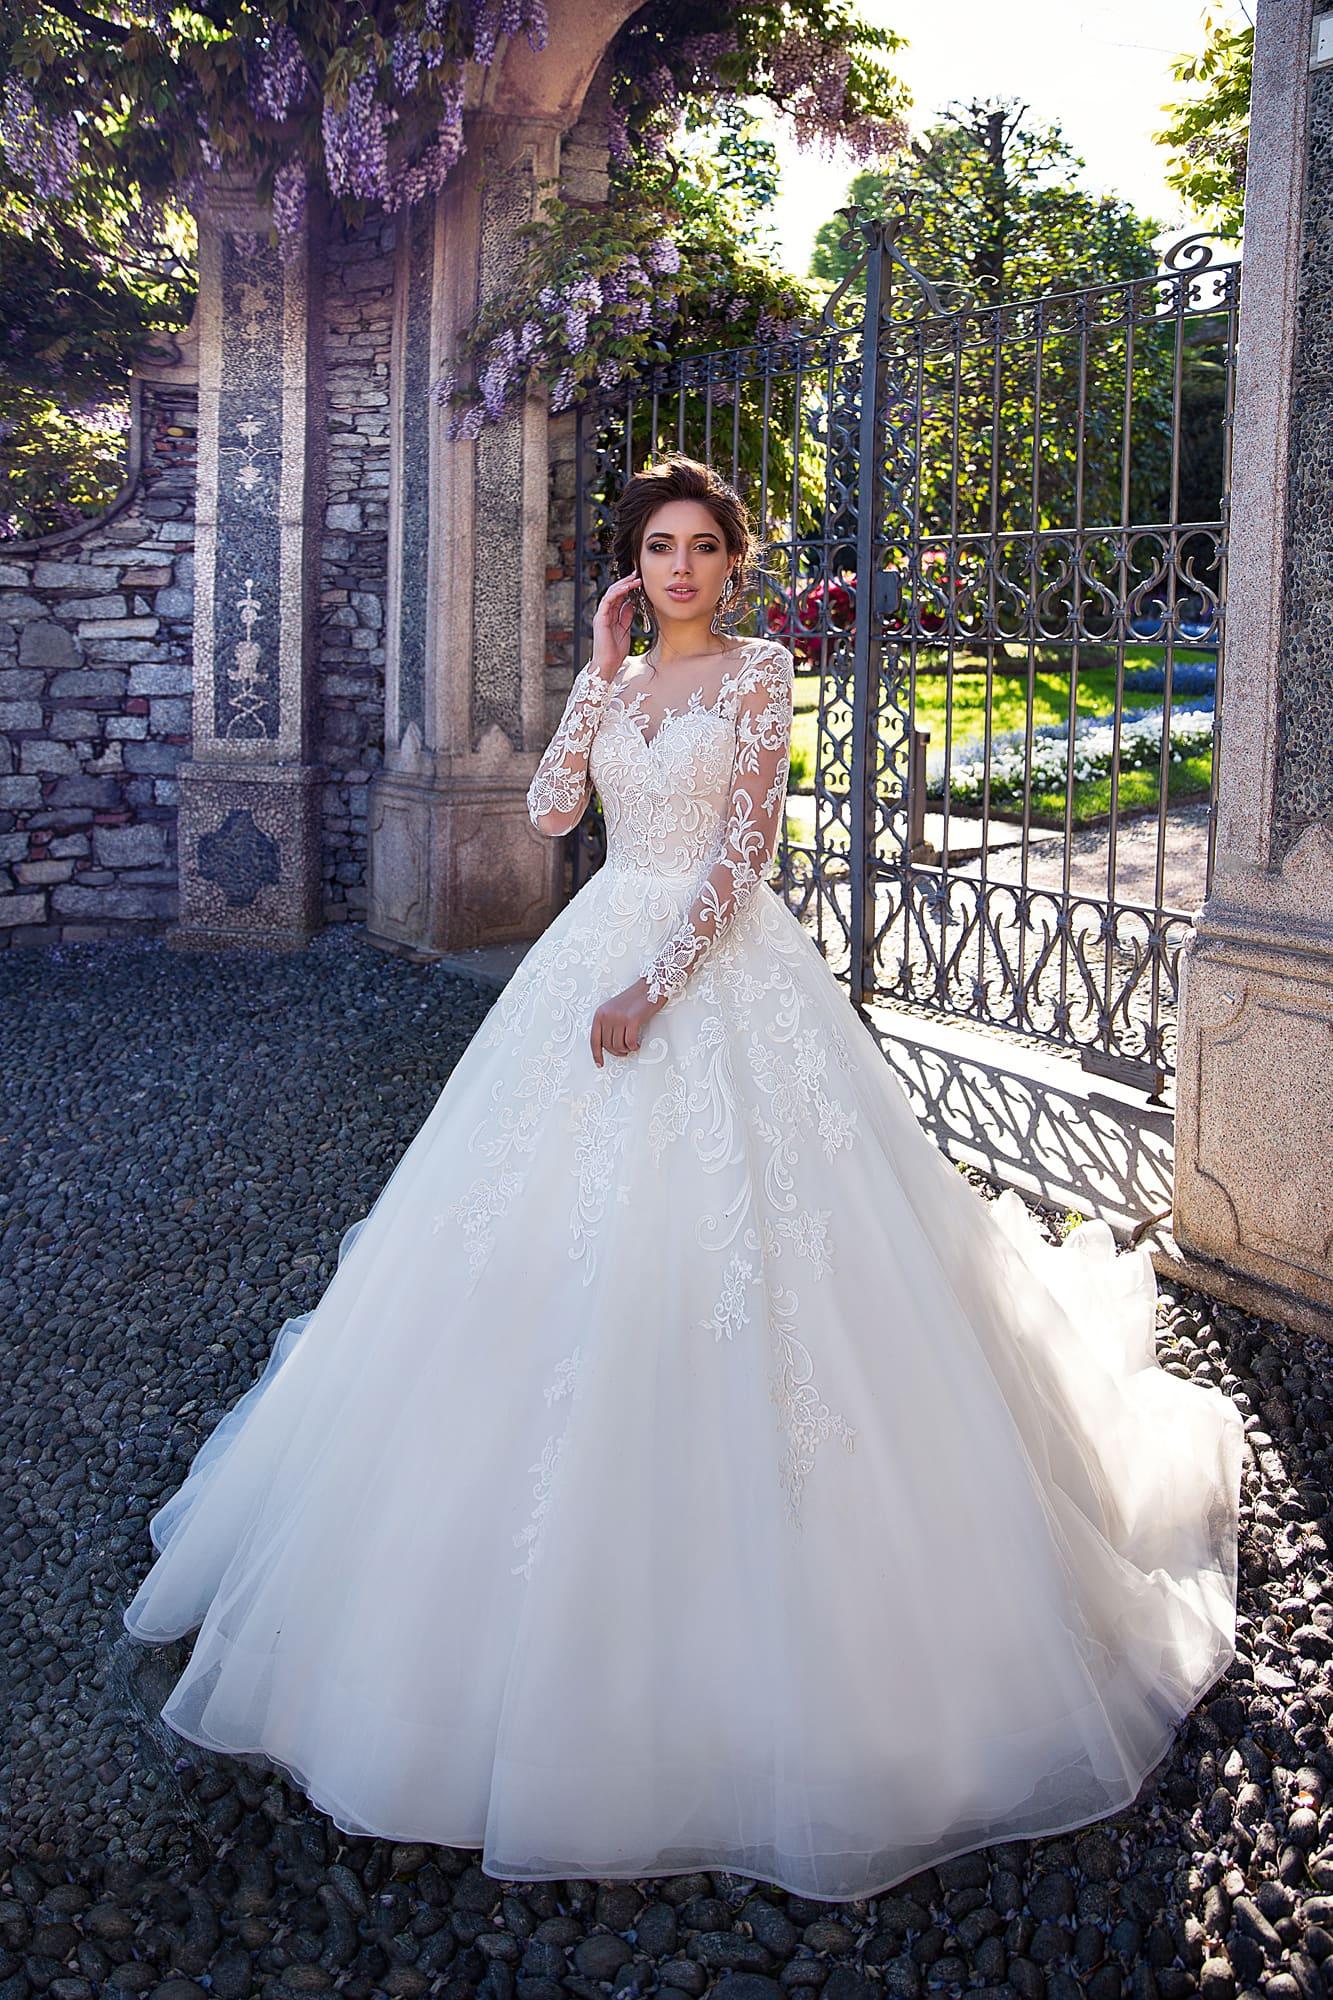 ded2e9e29 Роскошное свадебное платье с пышной юбкой, украшенной кружевом и шлейфом  сзади.